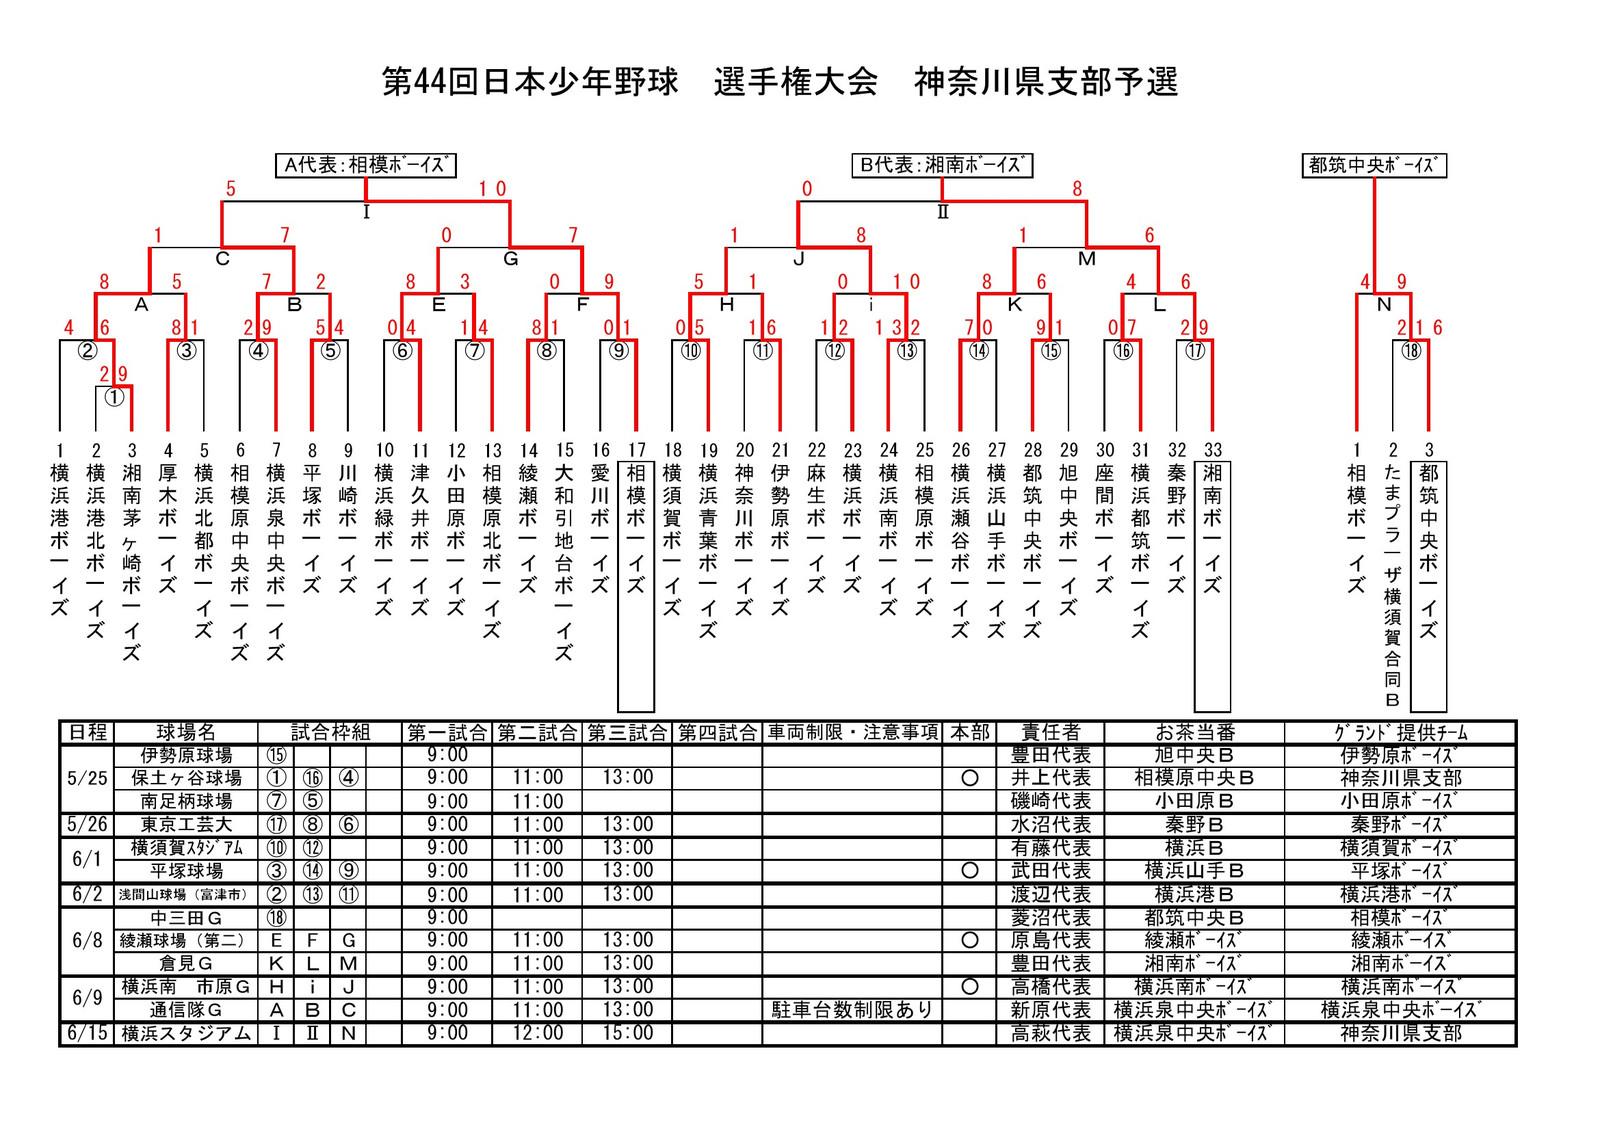 20130616_senshuken_kanagawa